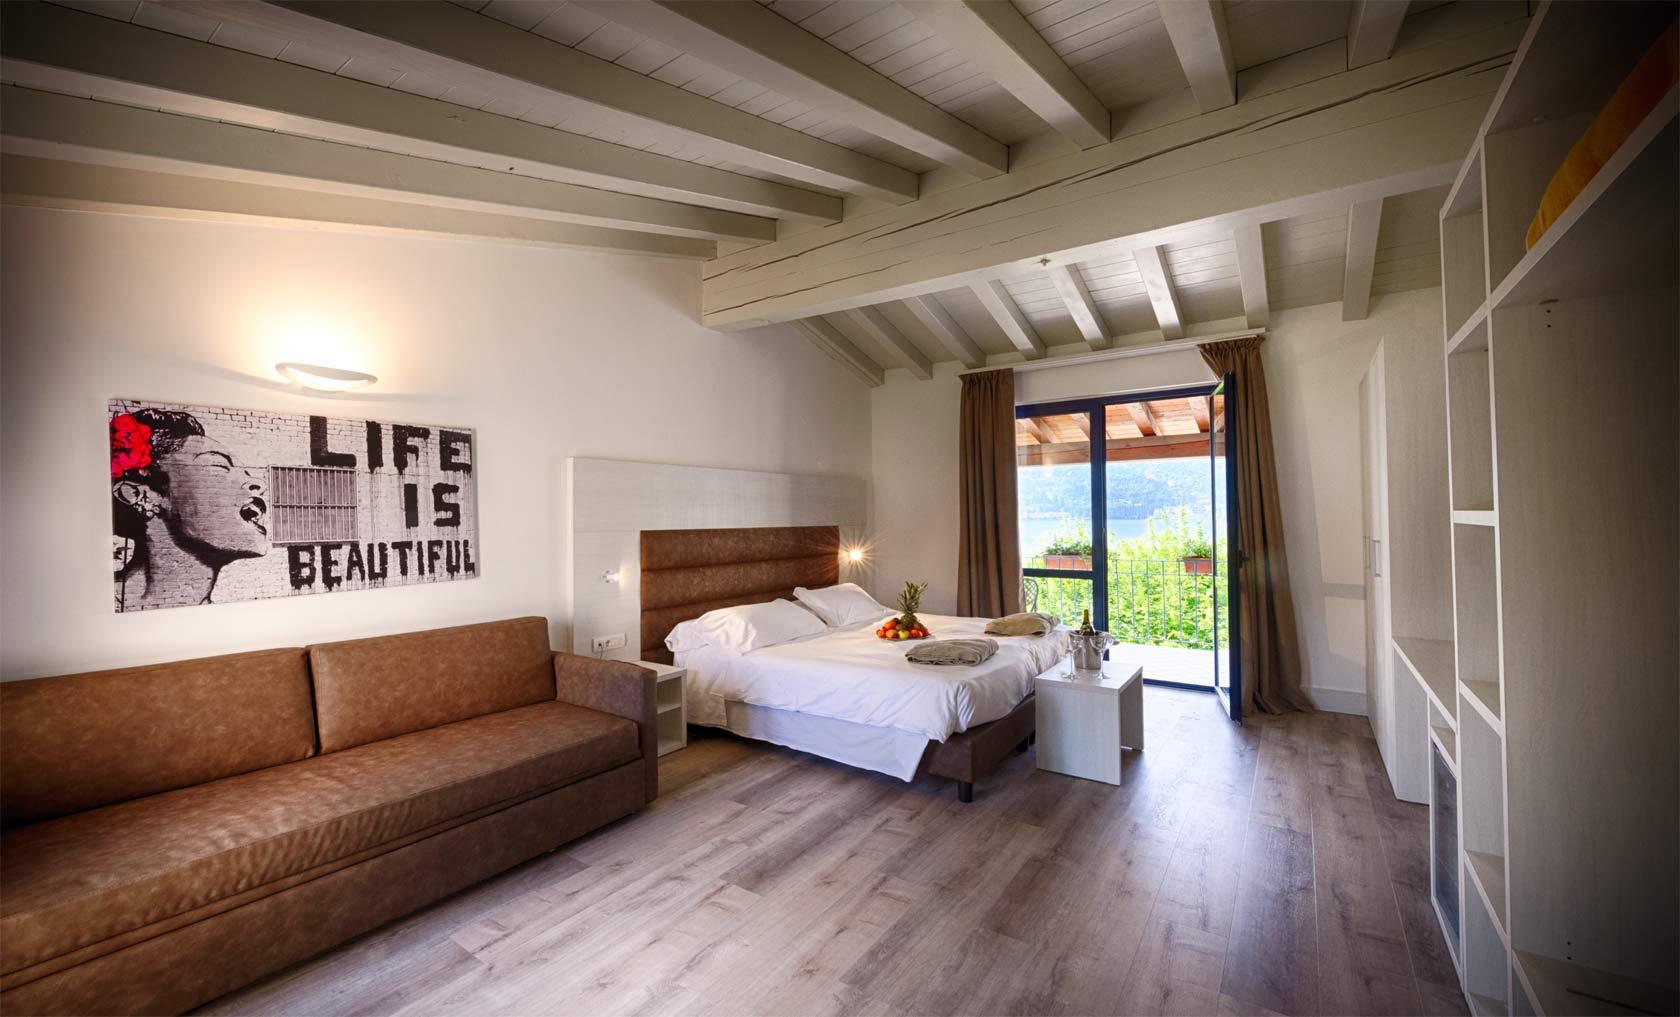 Mobilspazio contract arredamenti hotel made in italy - Mobili a scomparsa per monolocali ...